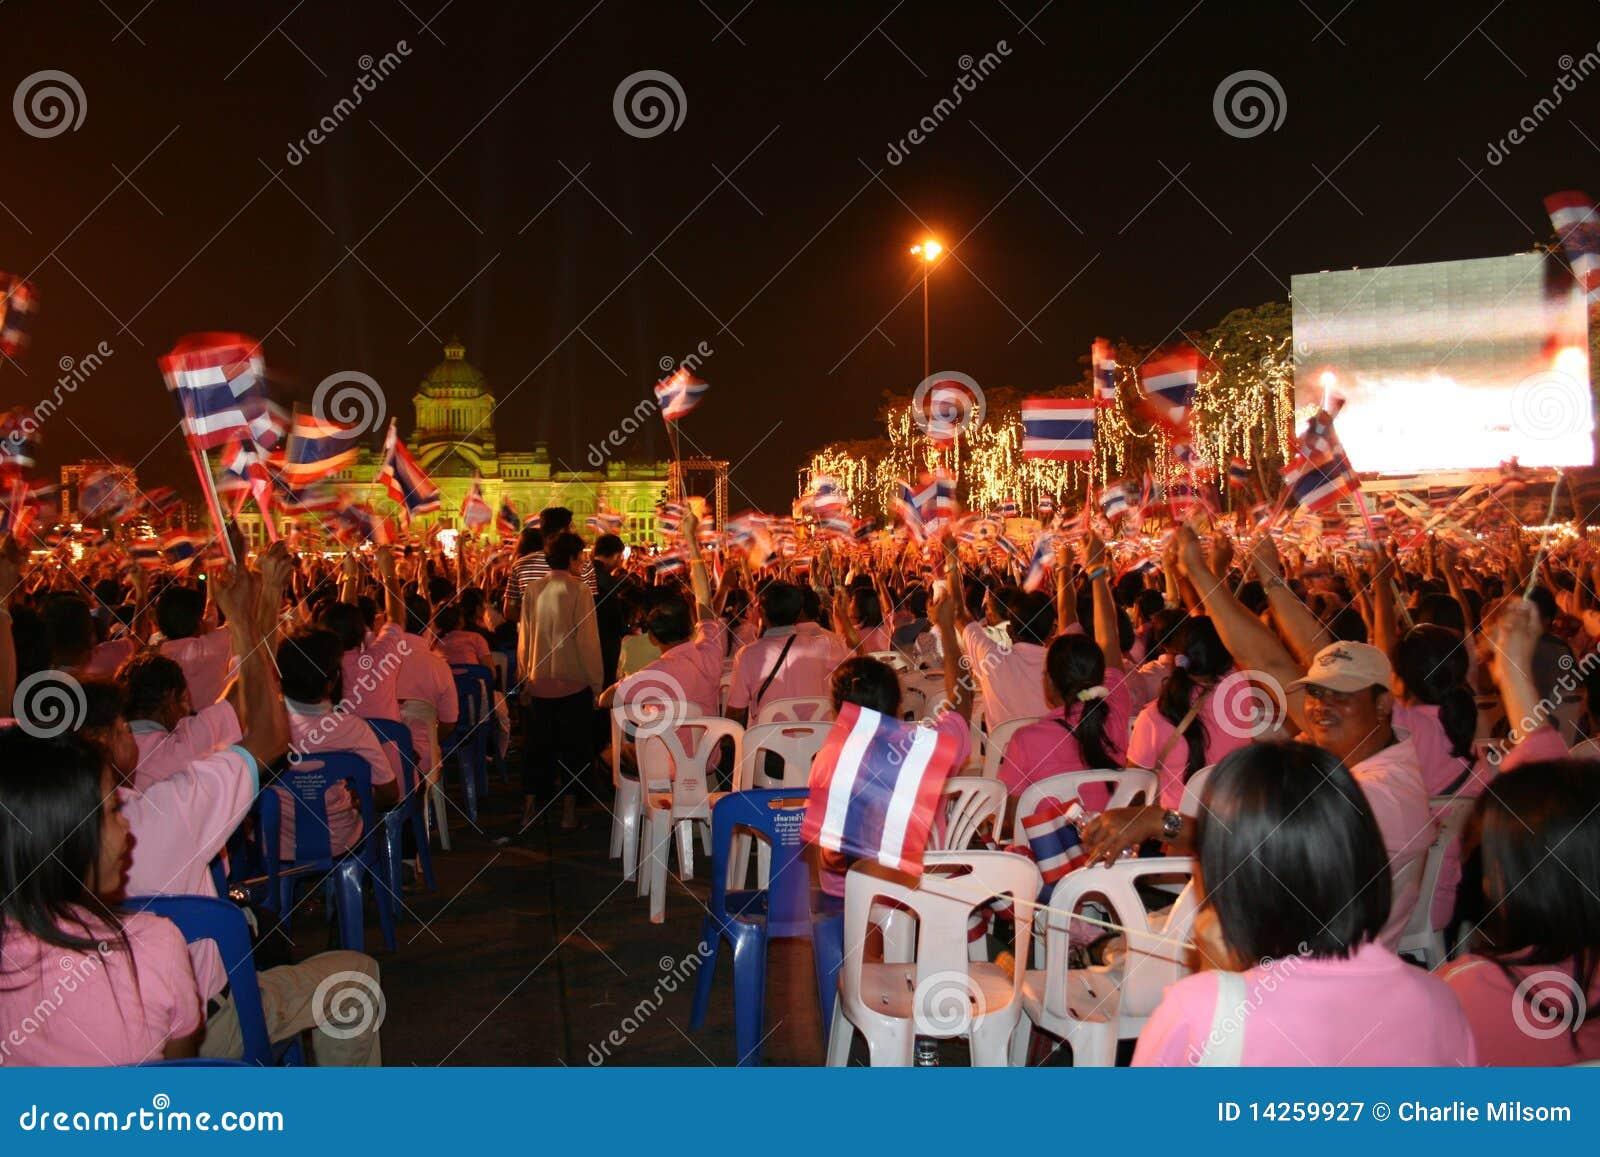 Siamesische Leute am Königgeburtstag, Thailand.